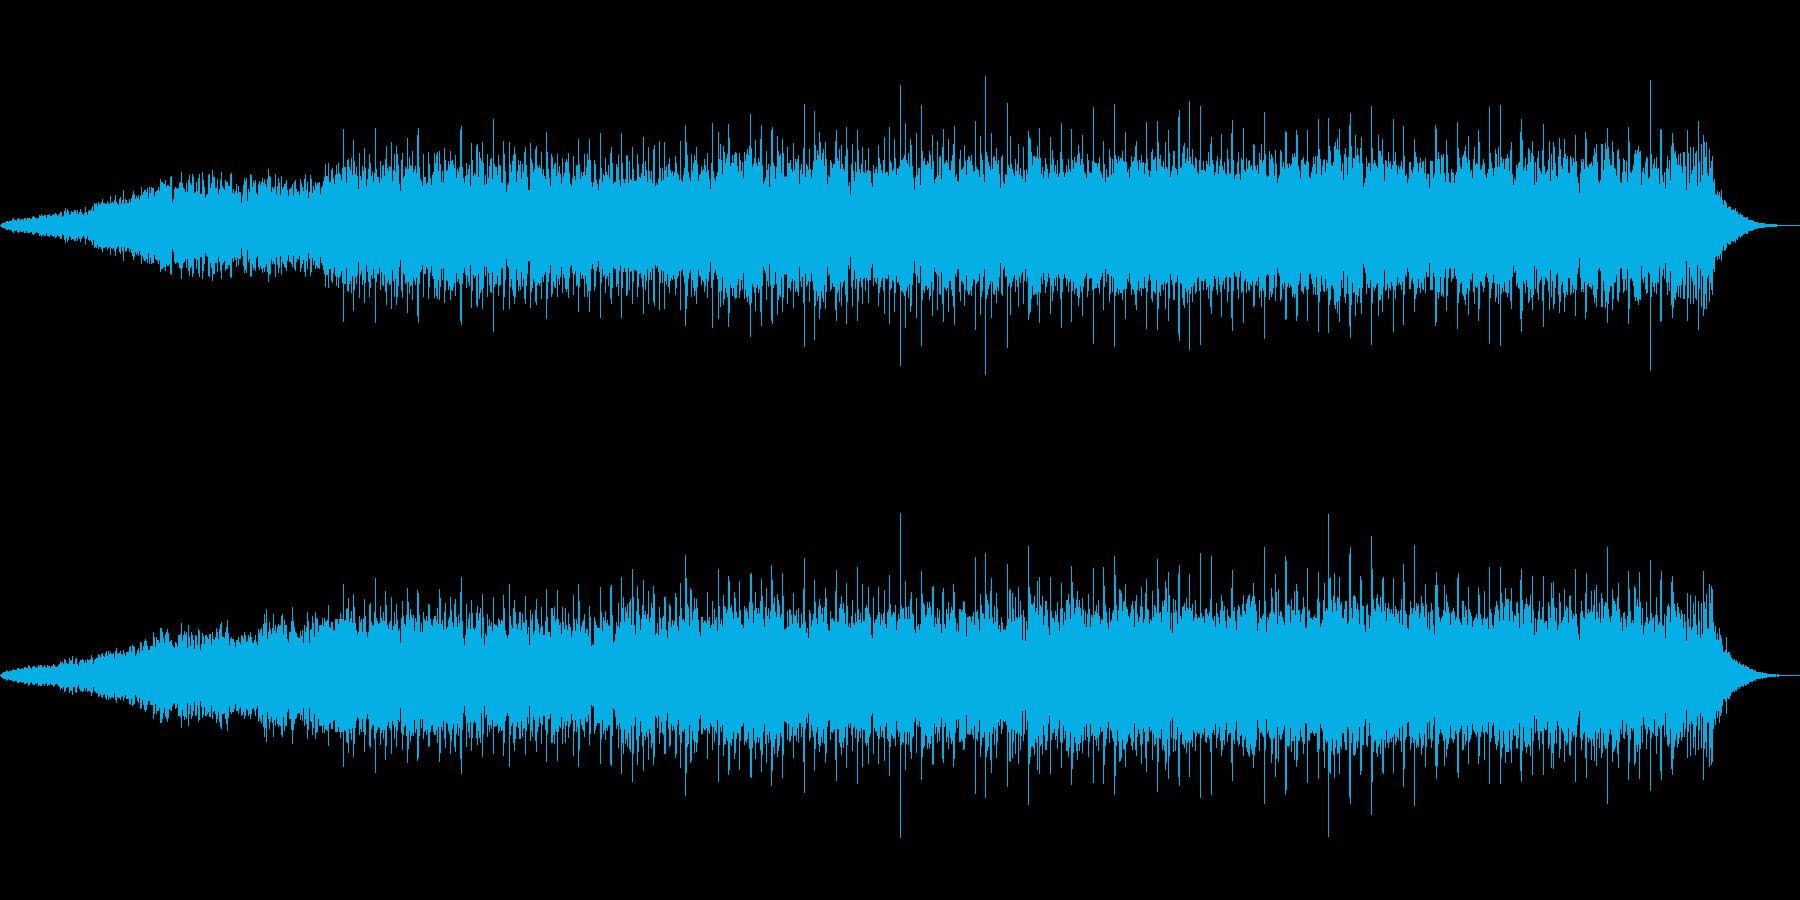 レトロシンセ系のアンビエントなポップスの再生済みの波形